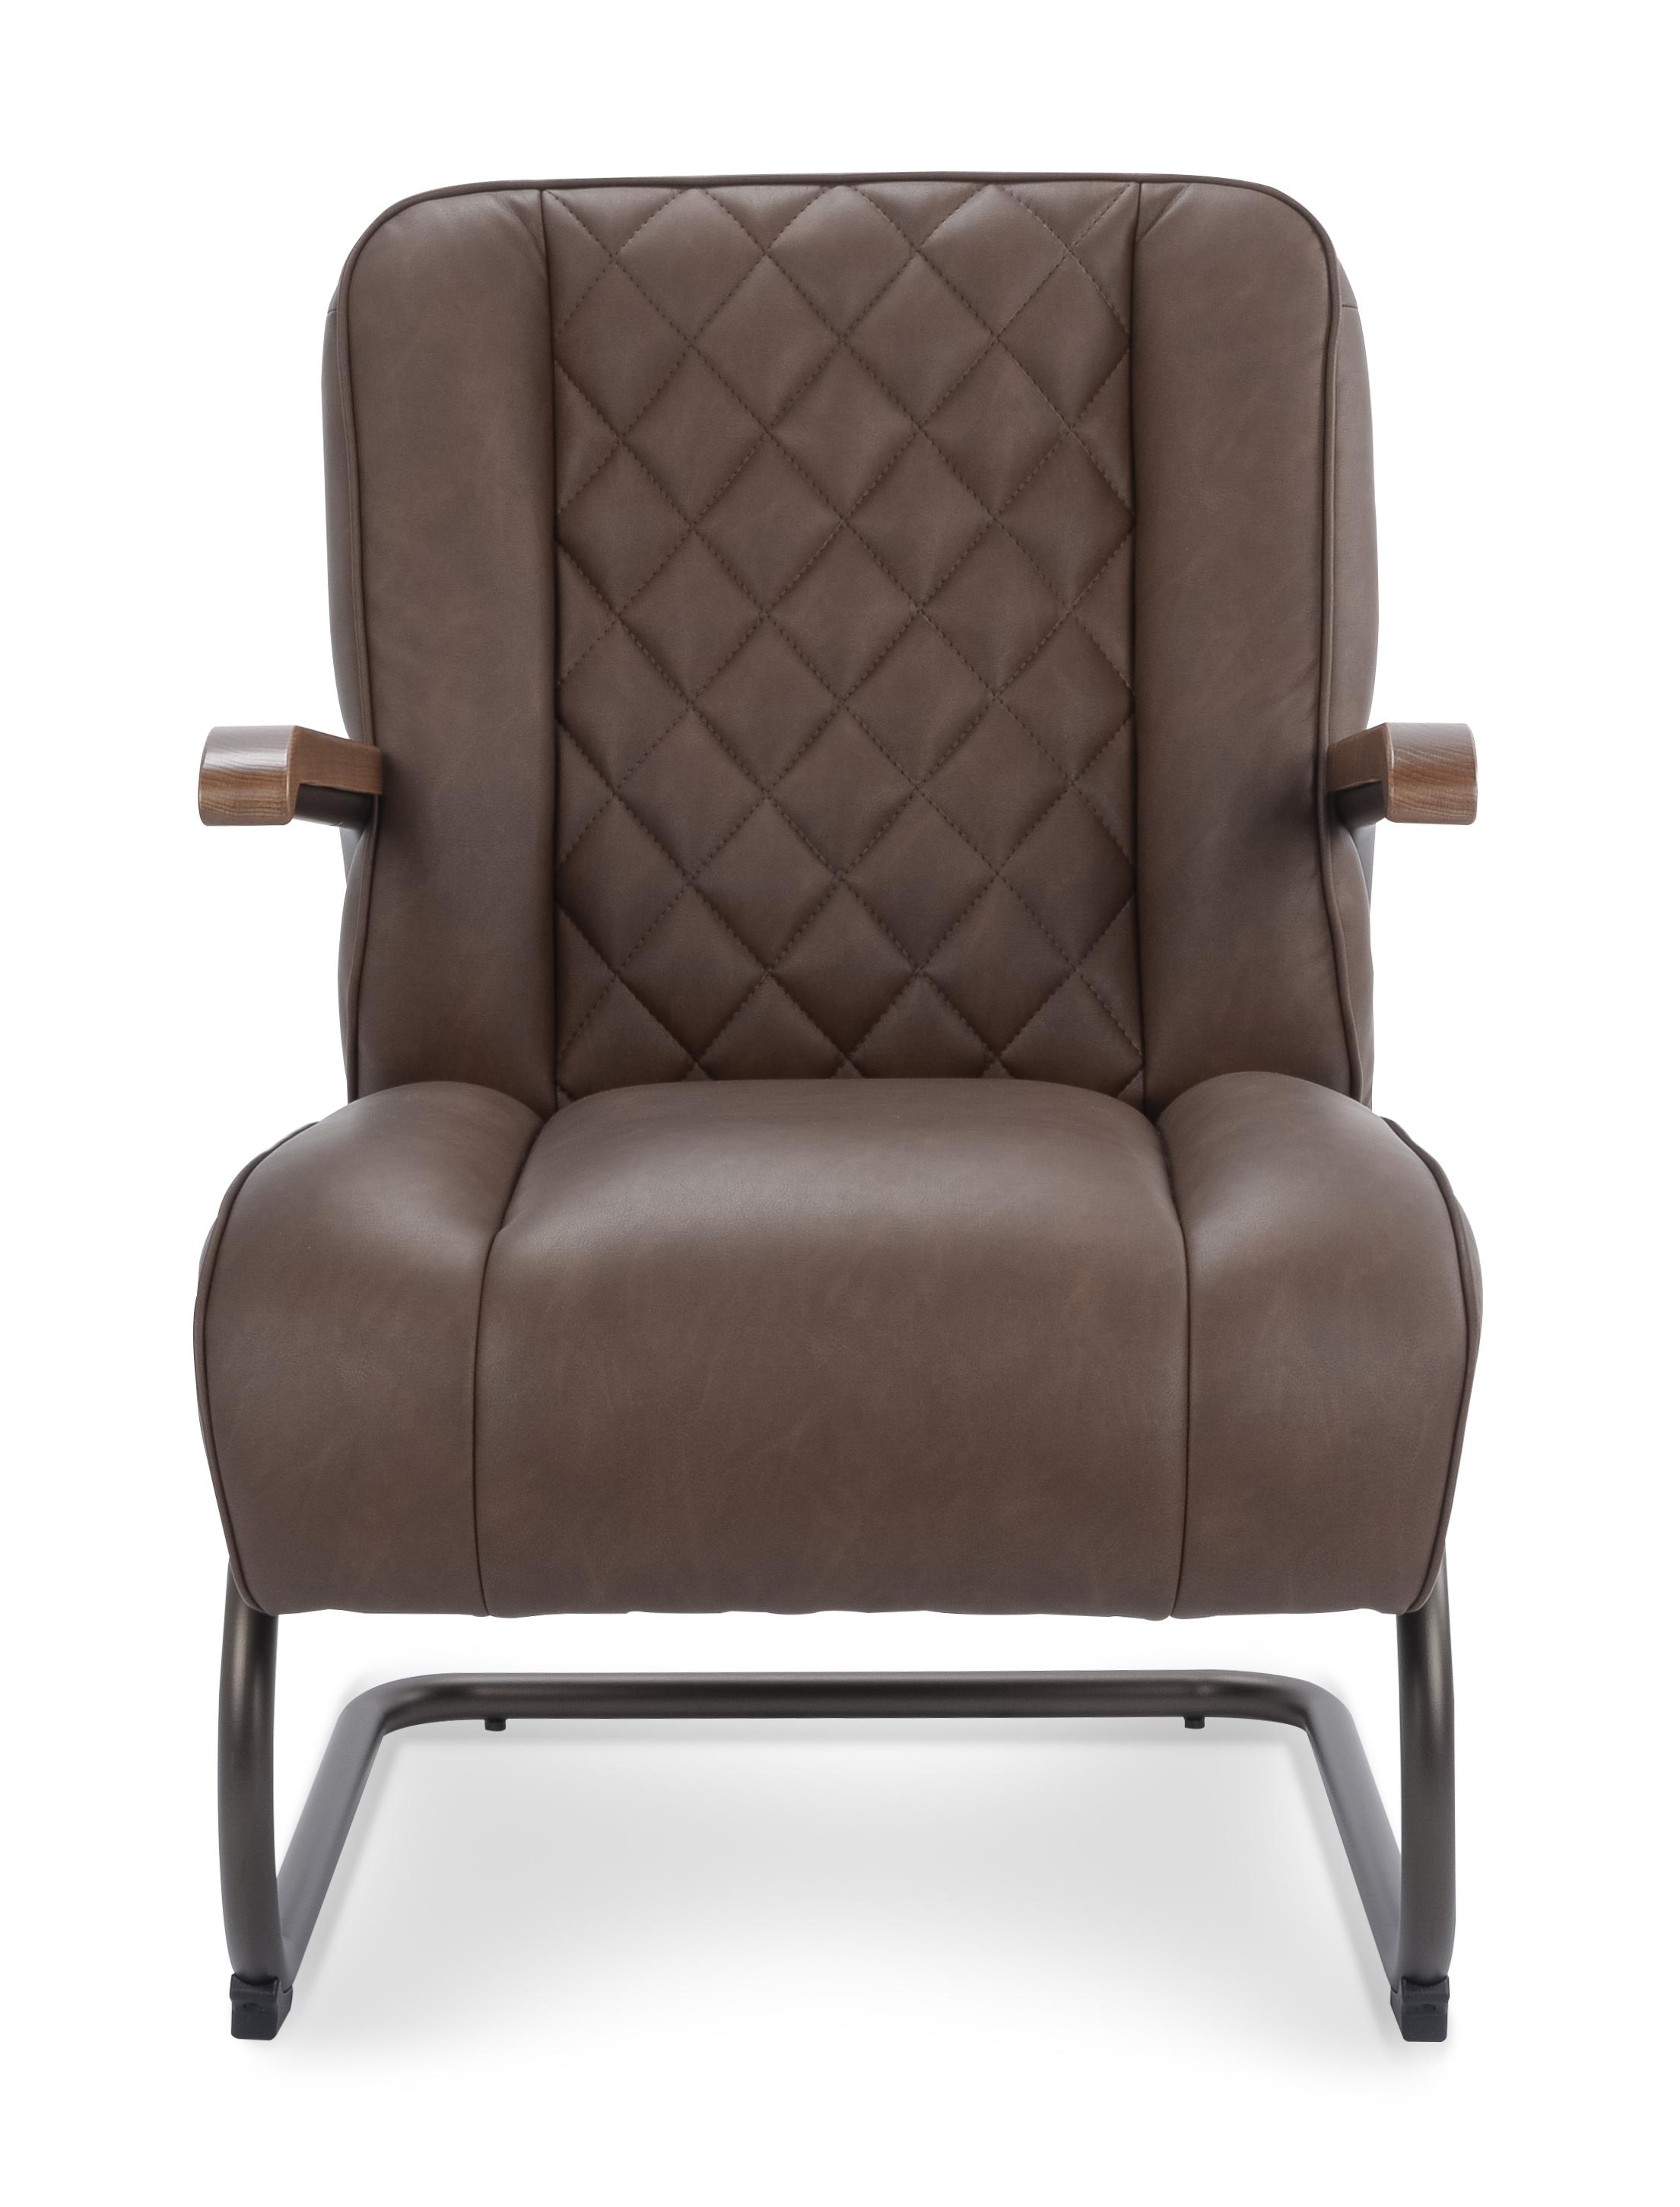 Bentley new lederlook vintage dark brown front